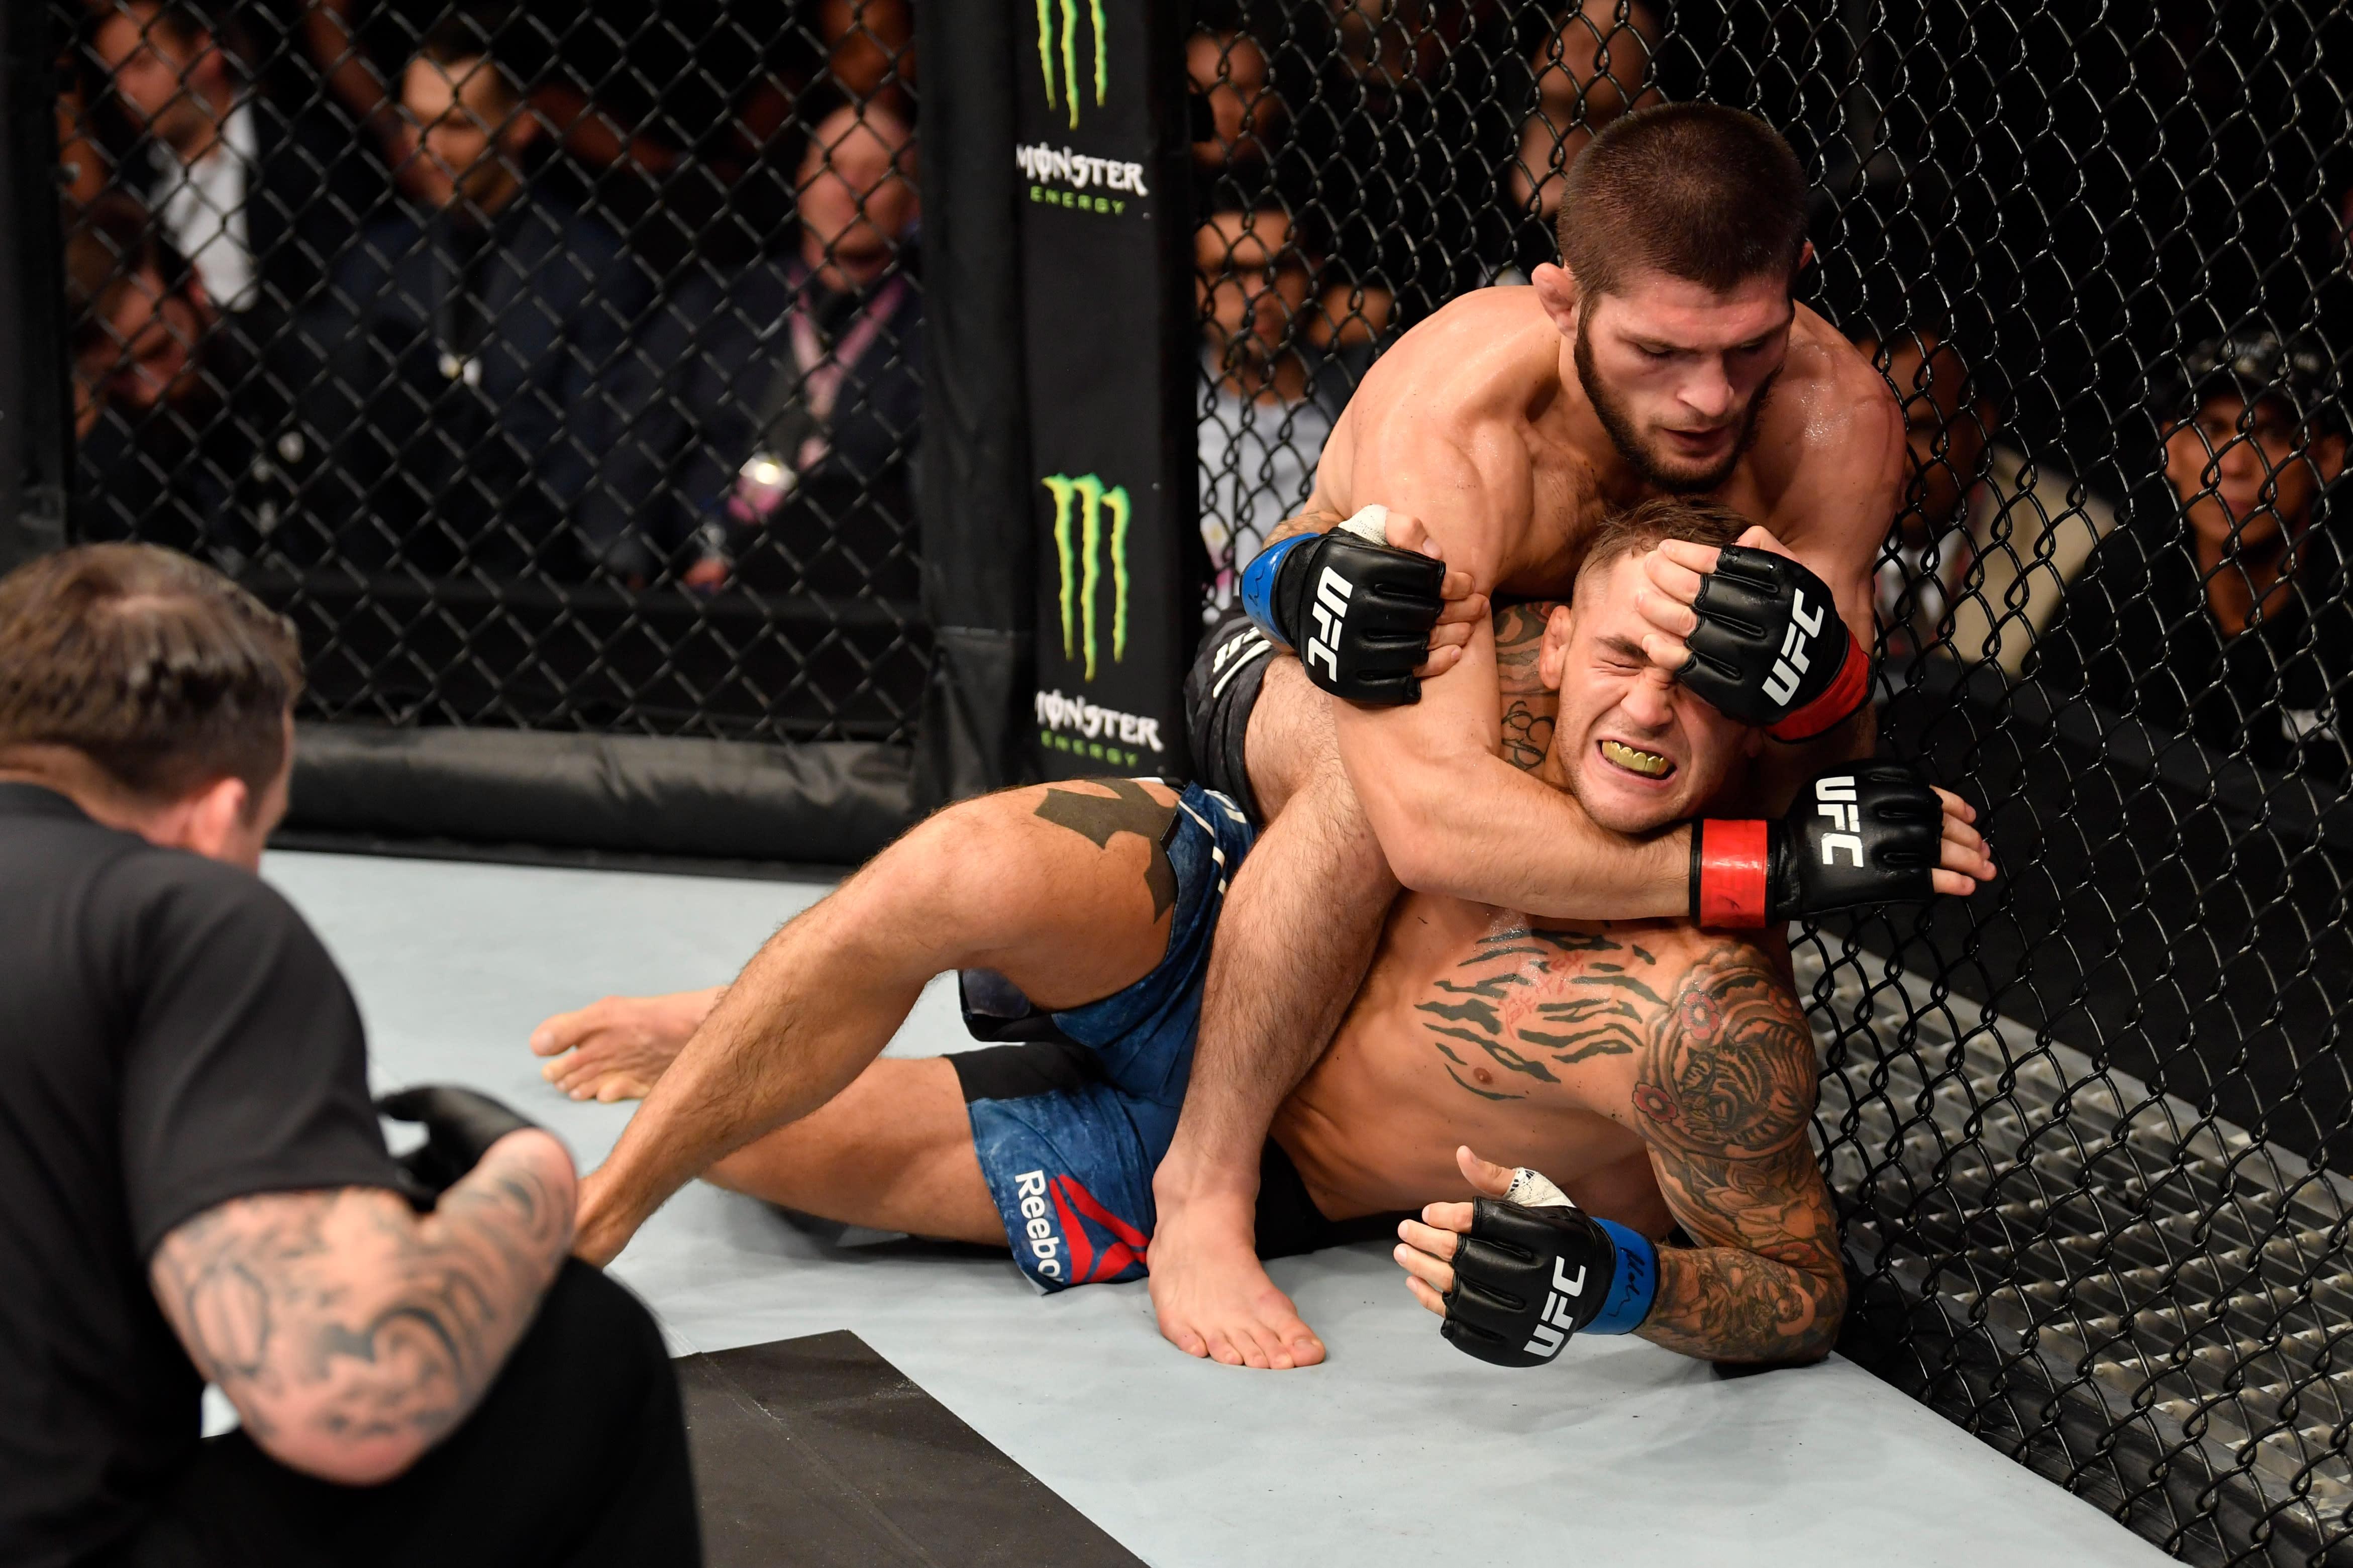 UFC 242: Khabib Nurmagomedov stops Dustin Poirier